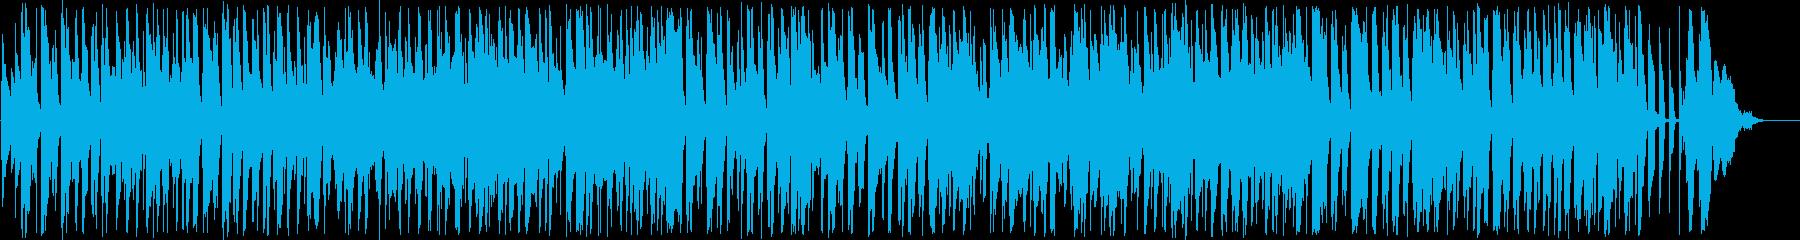 ロコガール ウクレレ インストの再生済みの波形